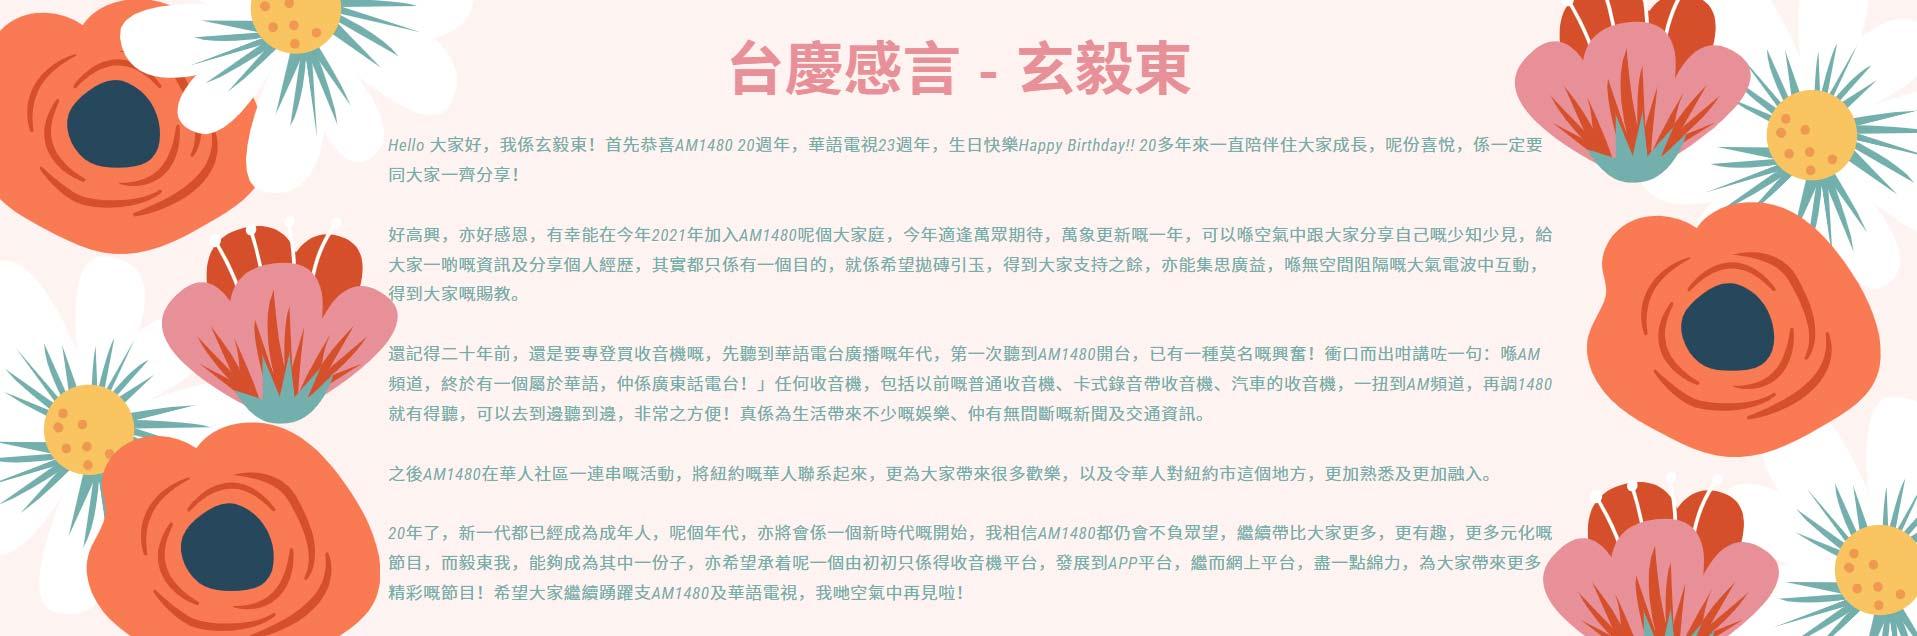 台慶感言 - 玄毅東web